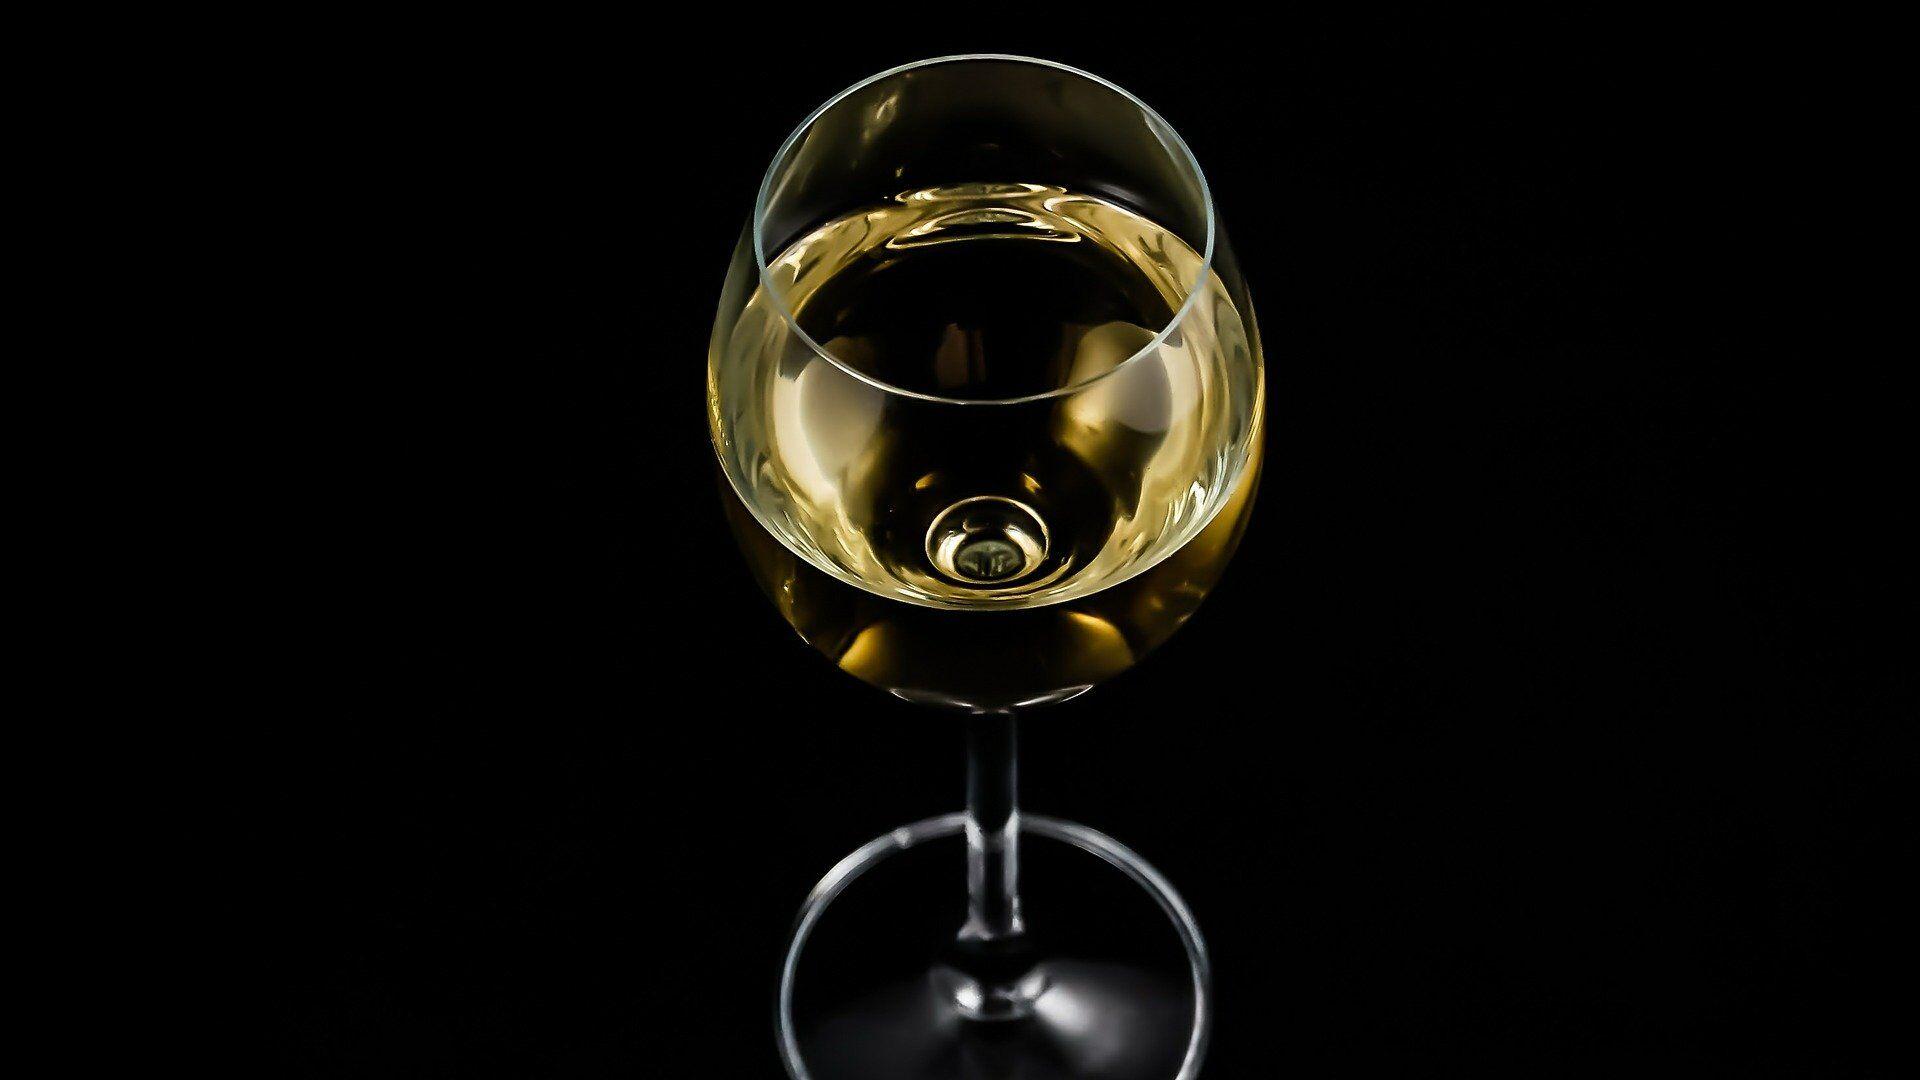 Una copa de vino blanco (imagen referencial) - Sputnik Mundo, 1920, 19.05.2021